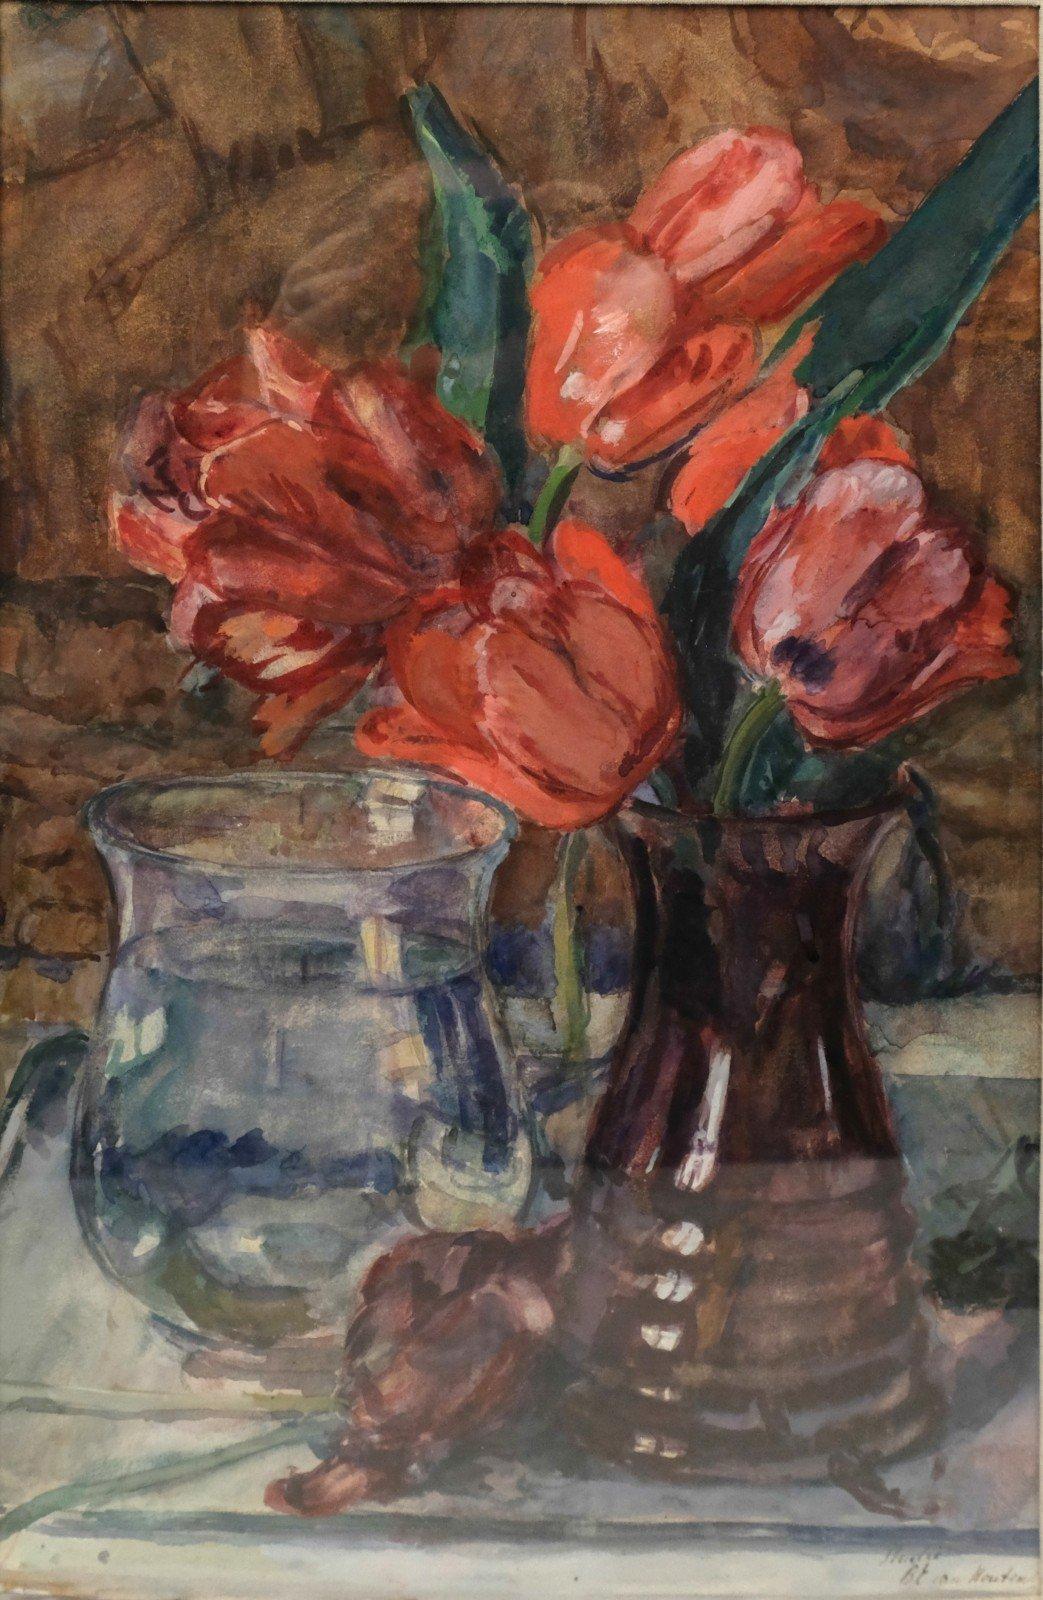 Barbara Elisabeth van Houten (1862-1950) – Bloemstilleven